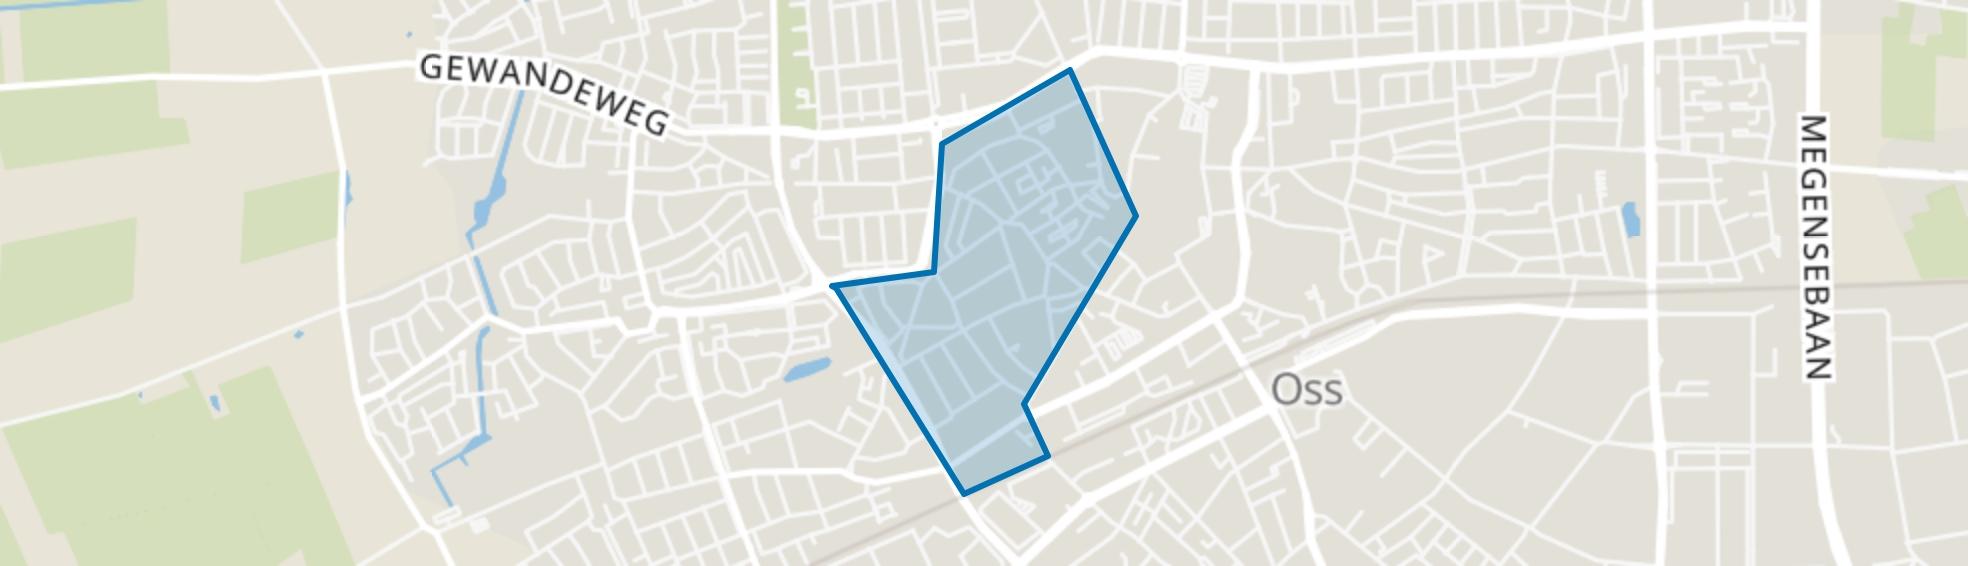 Centrum-West, Oss map